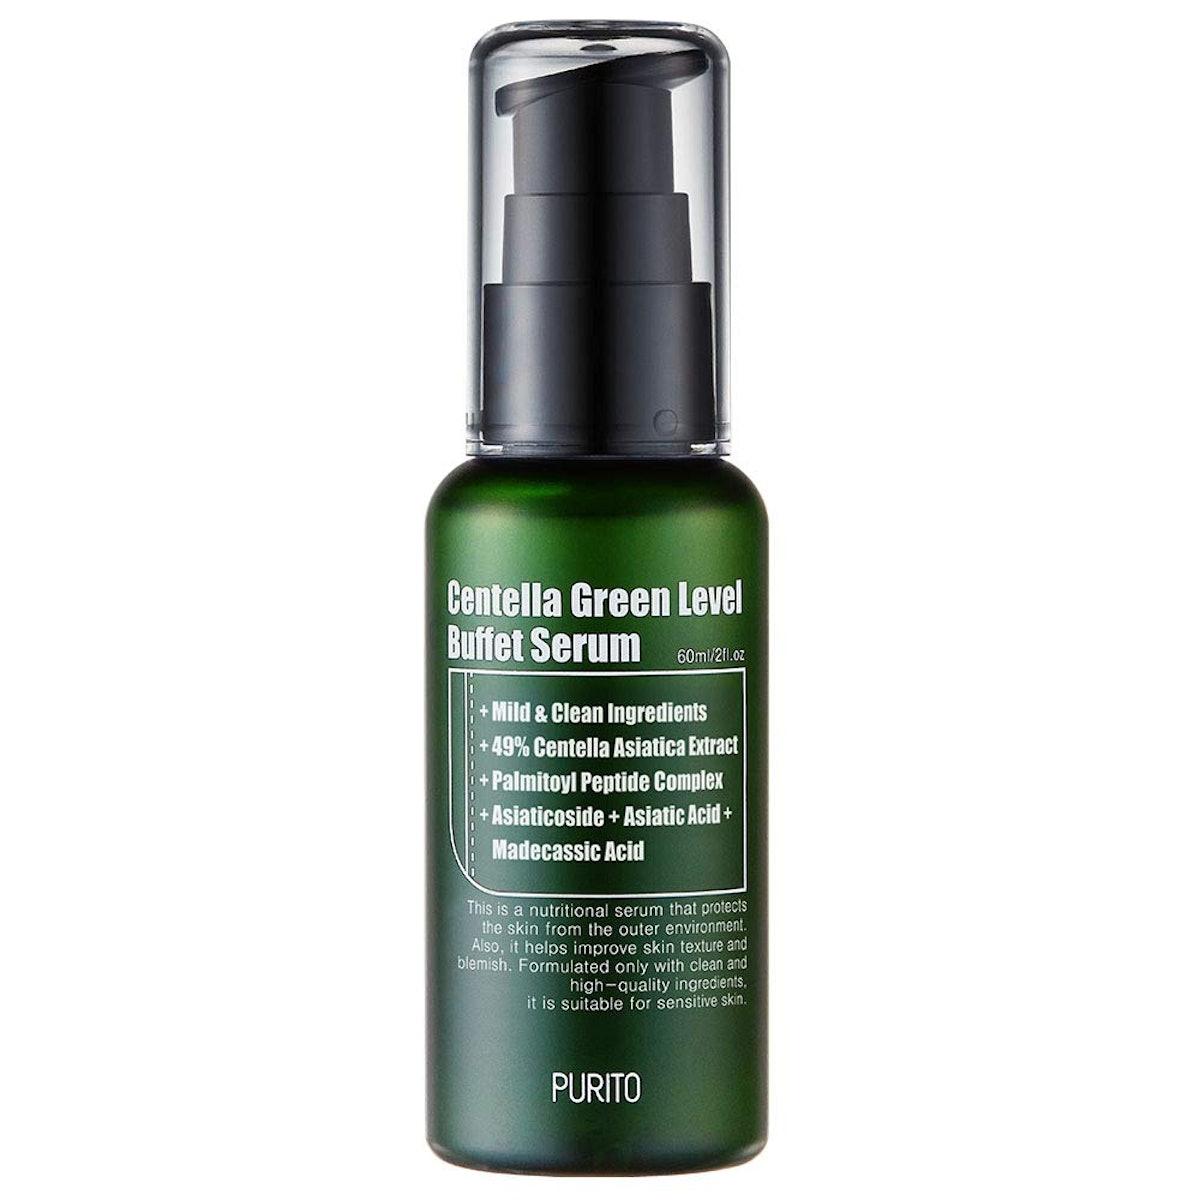 PURITO Centella Green Level Serum